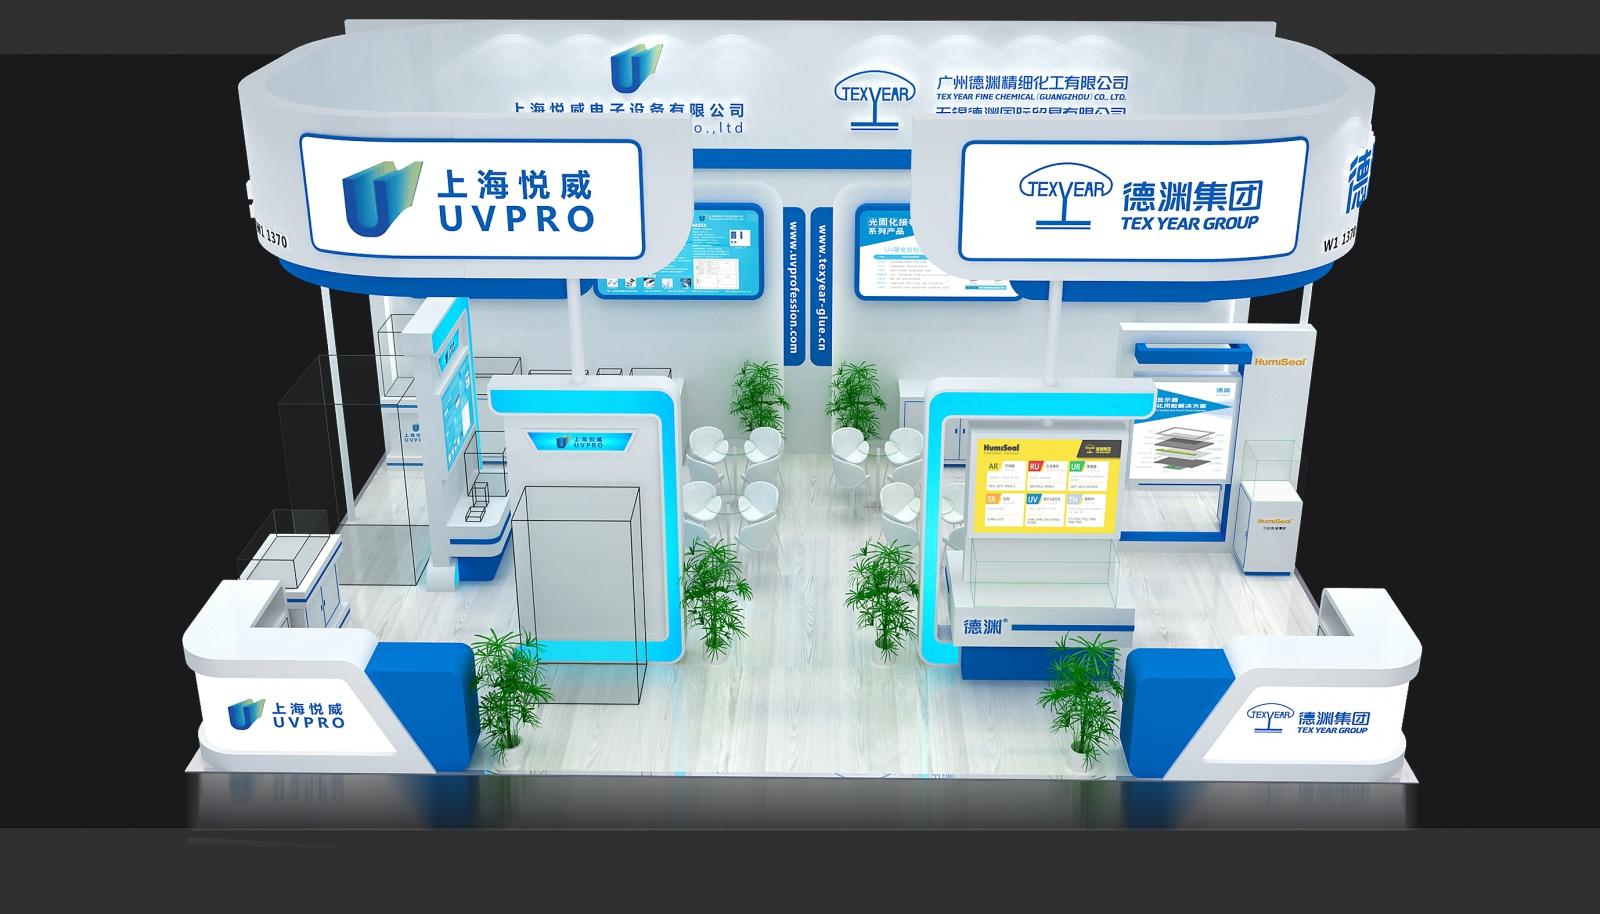 慕尼黑上海电子生产设备展会